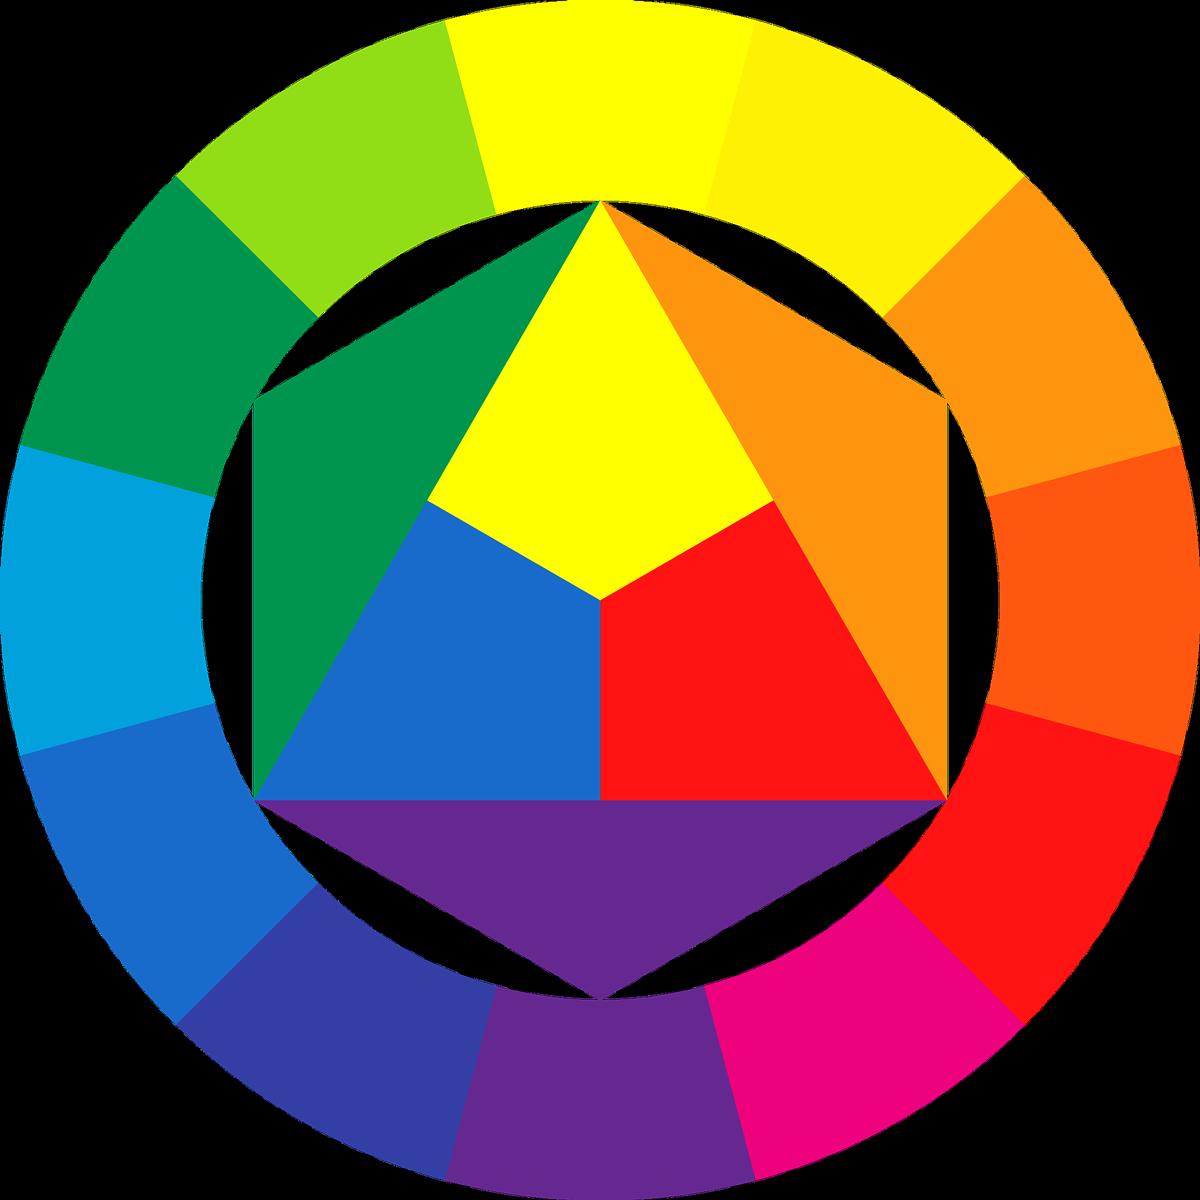 cerchio-cromatico-di-itten